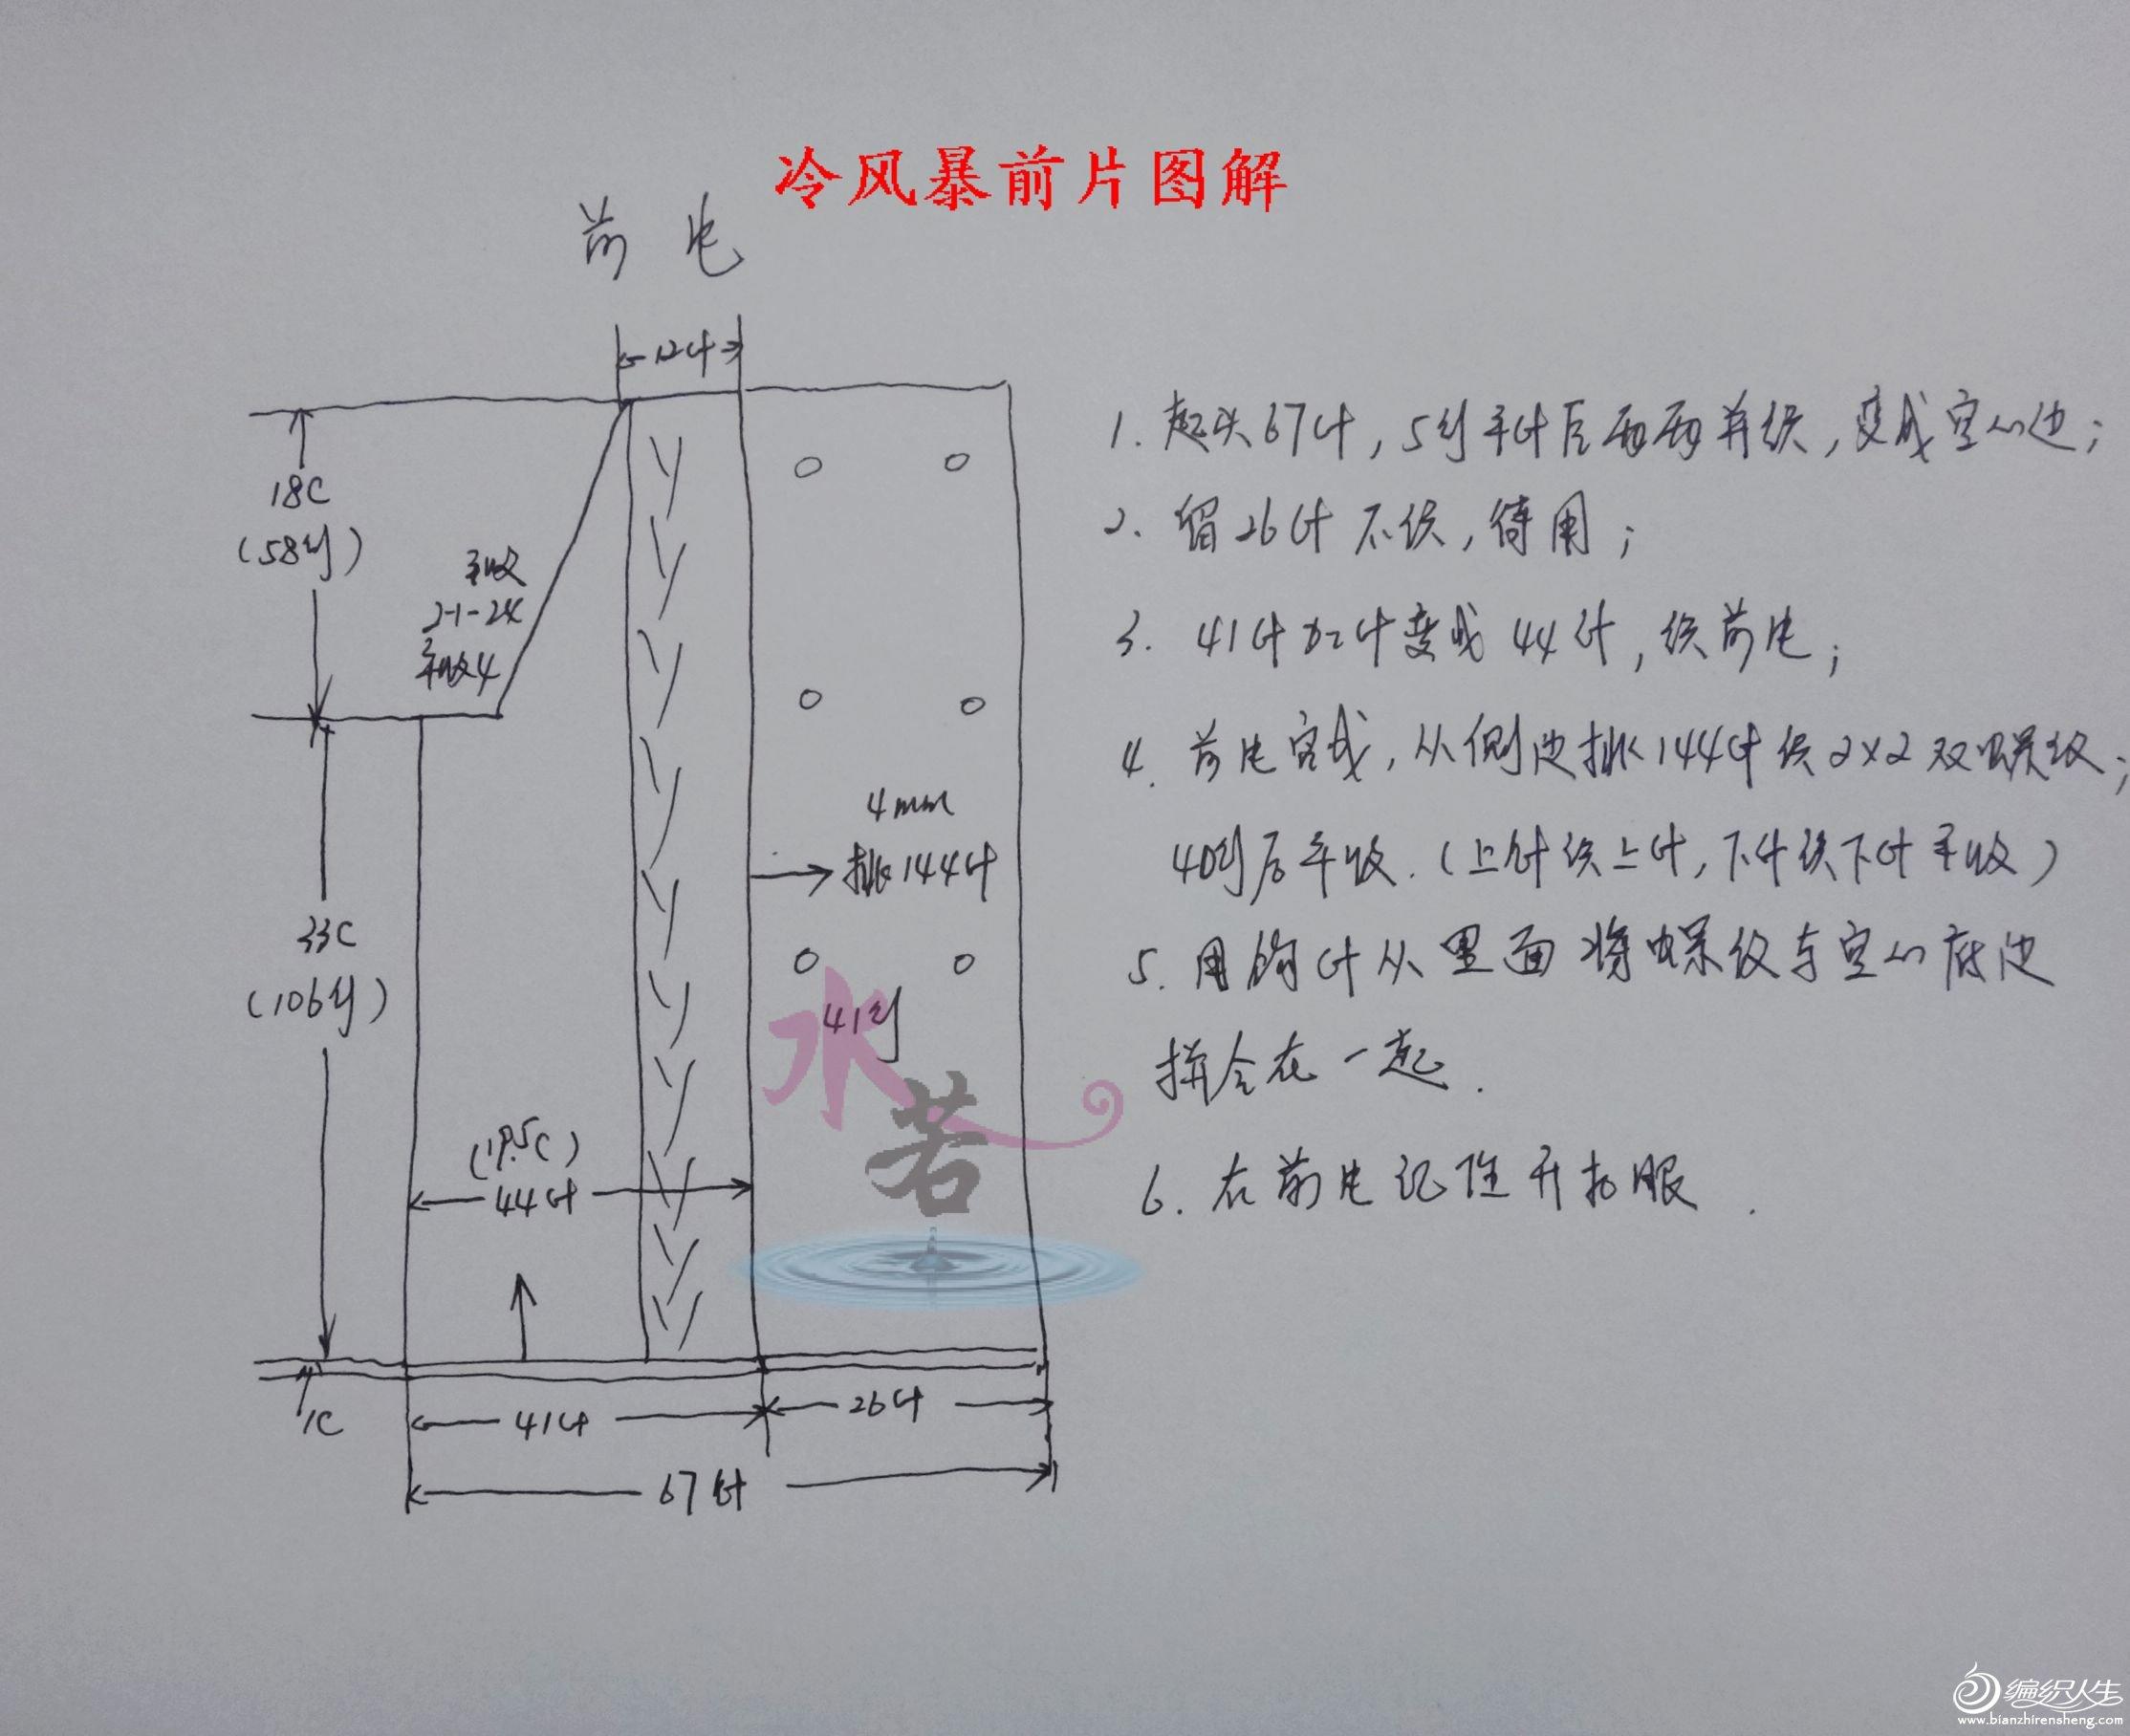 冷风暴工艺图解 (1).JPG